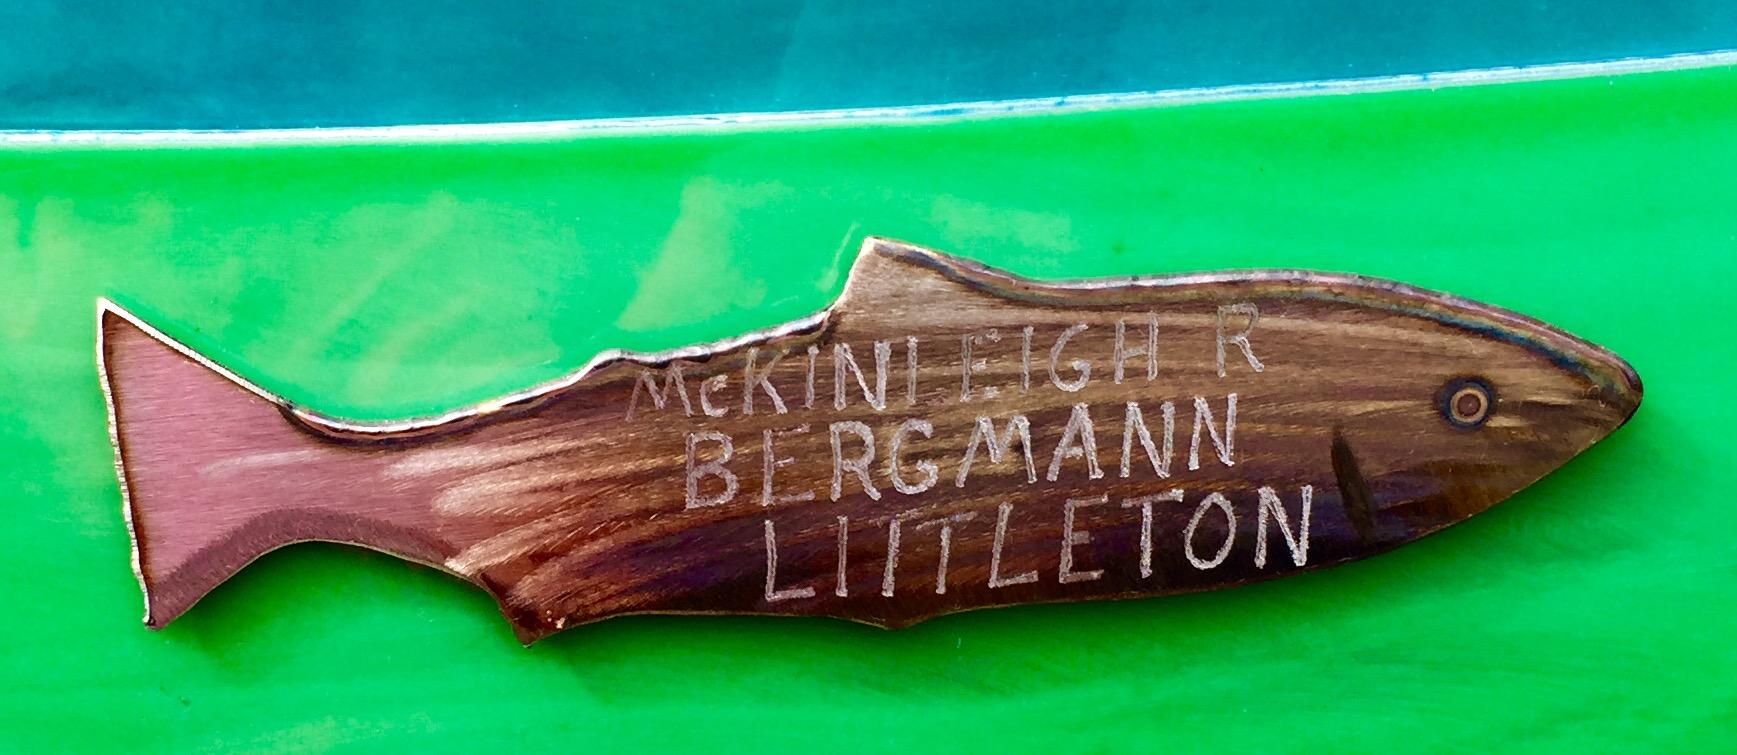 Bergmann Littleton.jpg